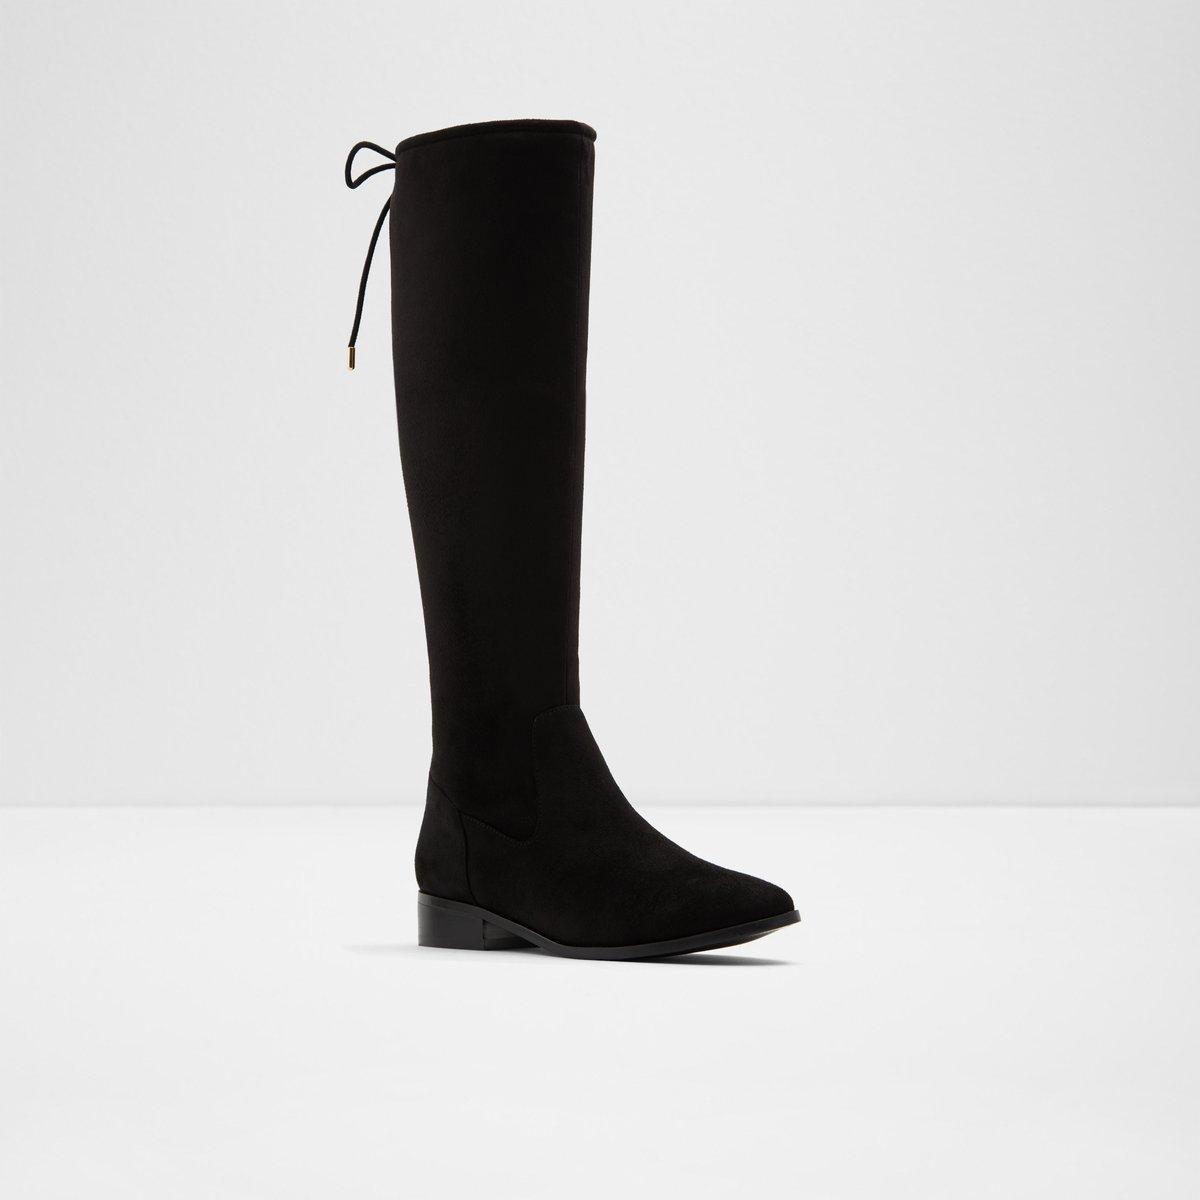 Amerith Black Multi Women's Boots   US